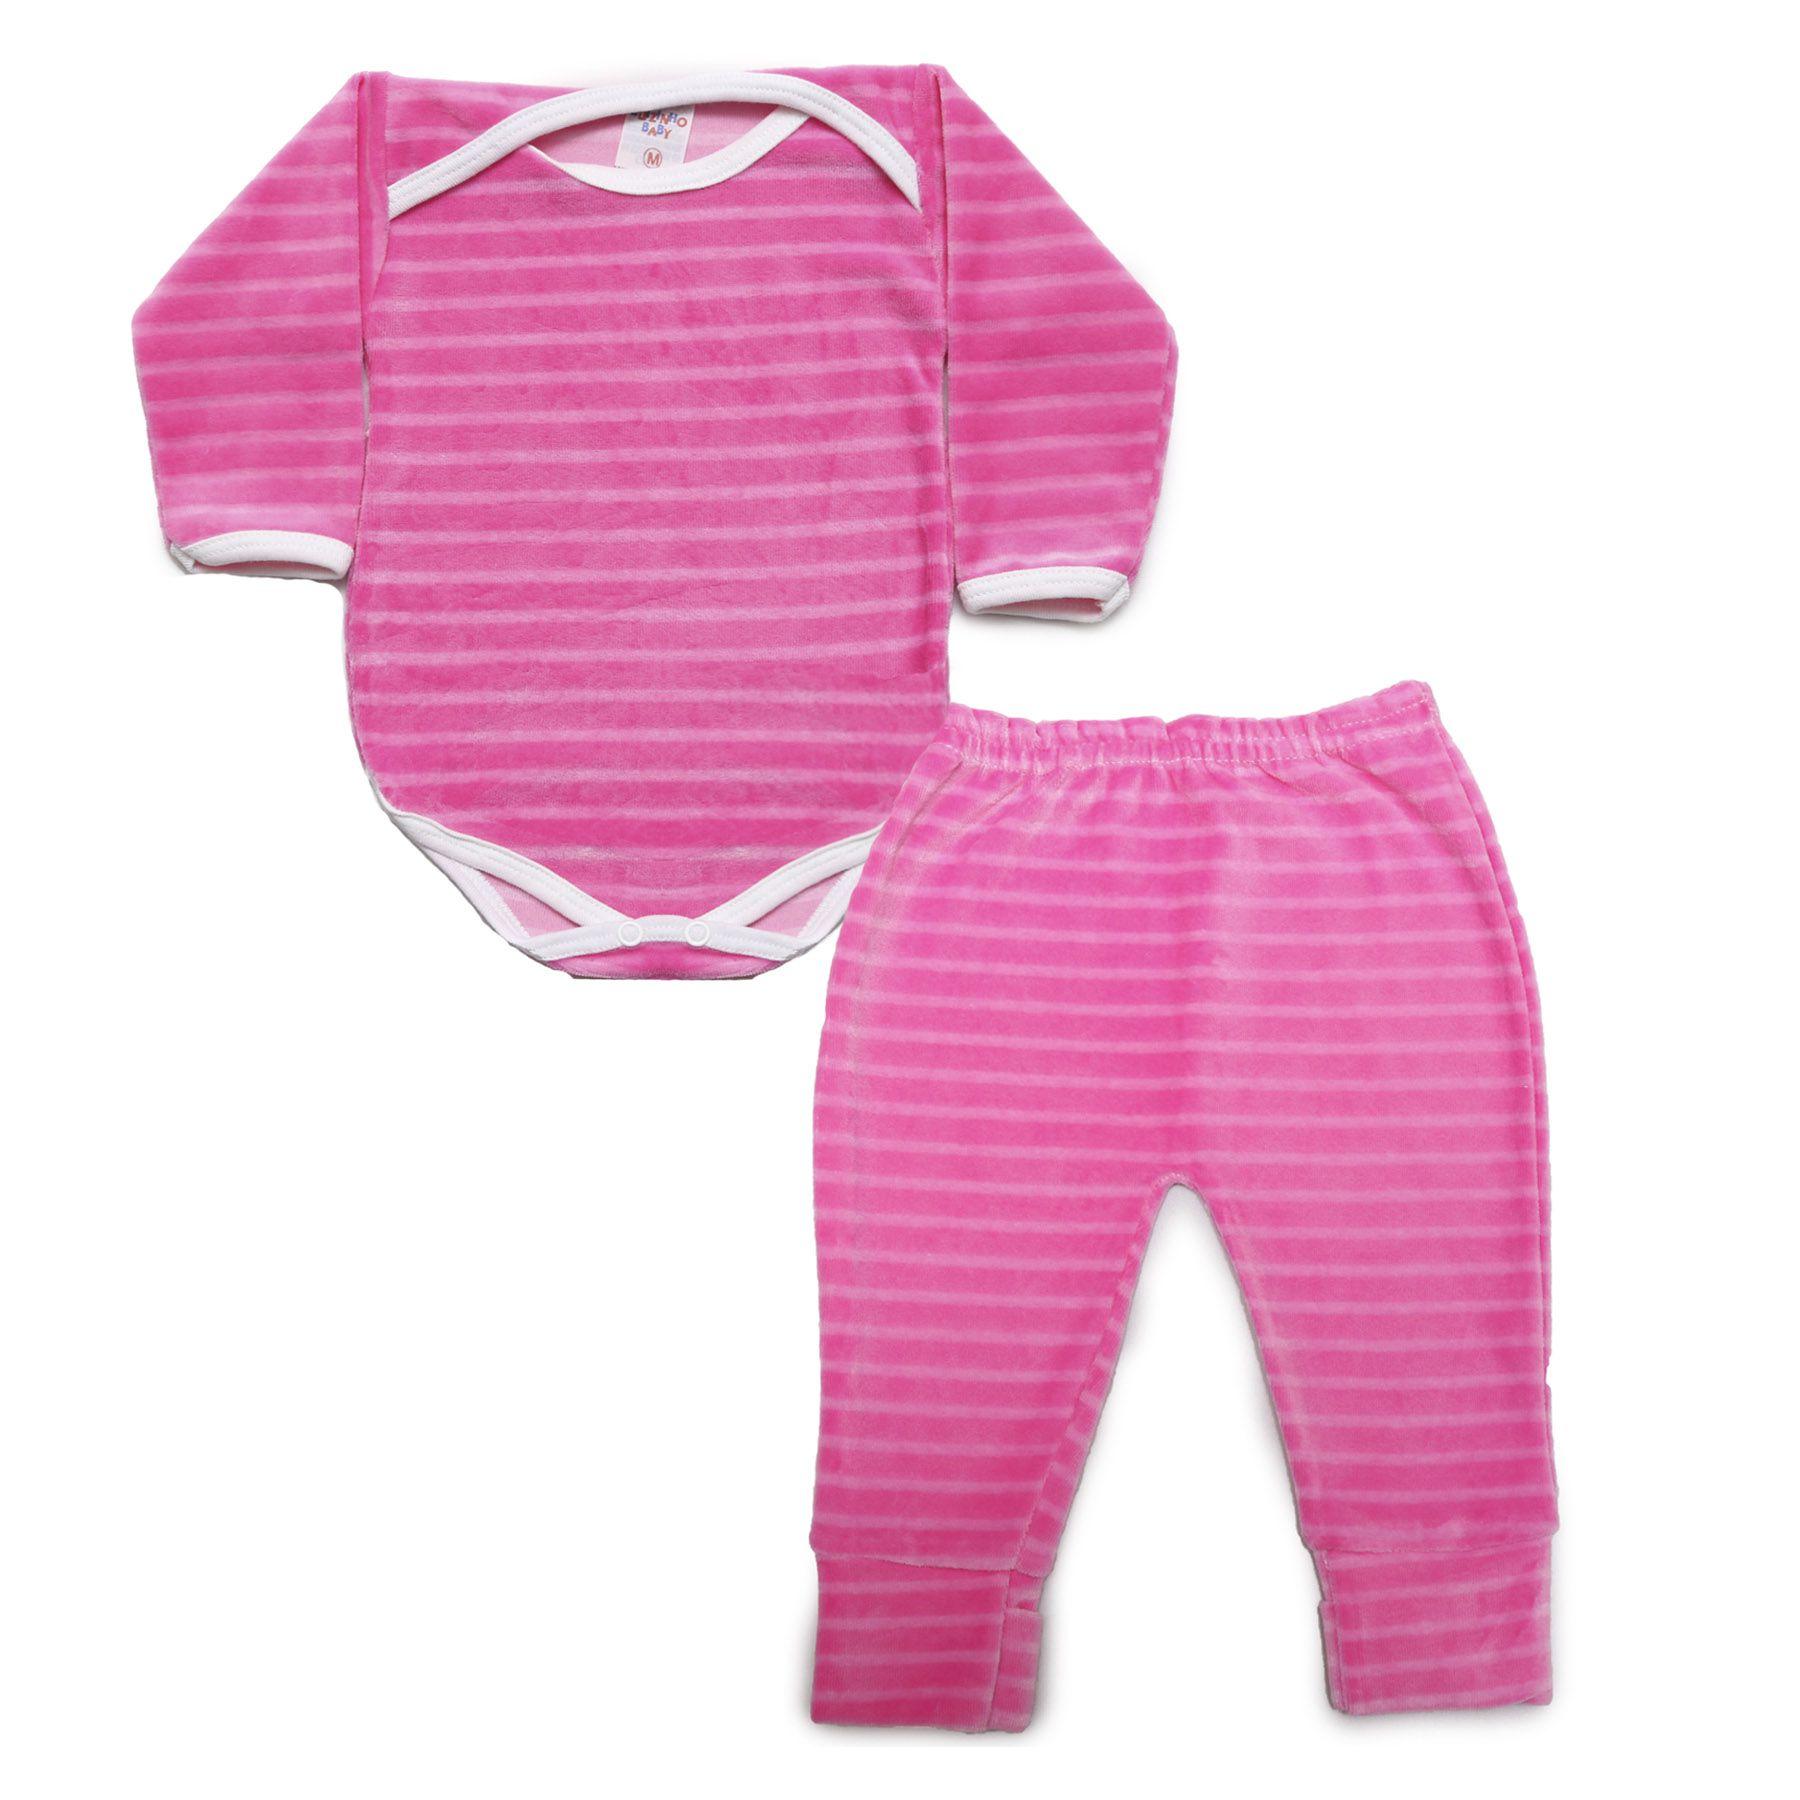 Kit Body Bebê com 2 Peças Sortido em Plush Colorido